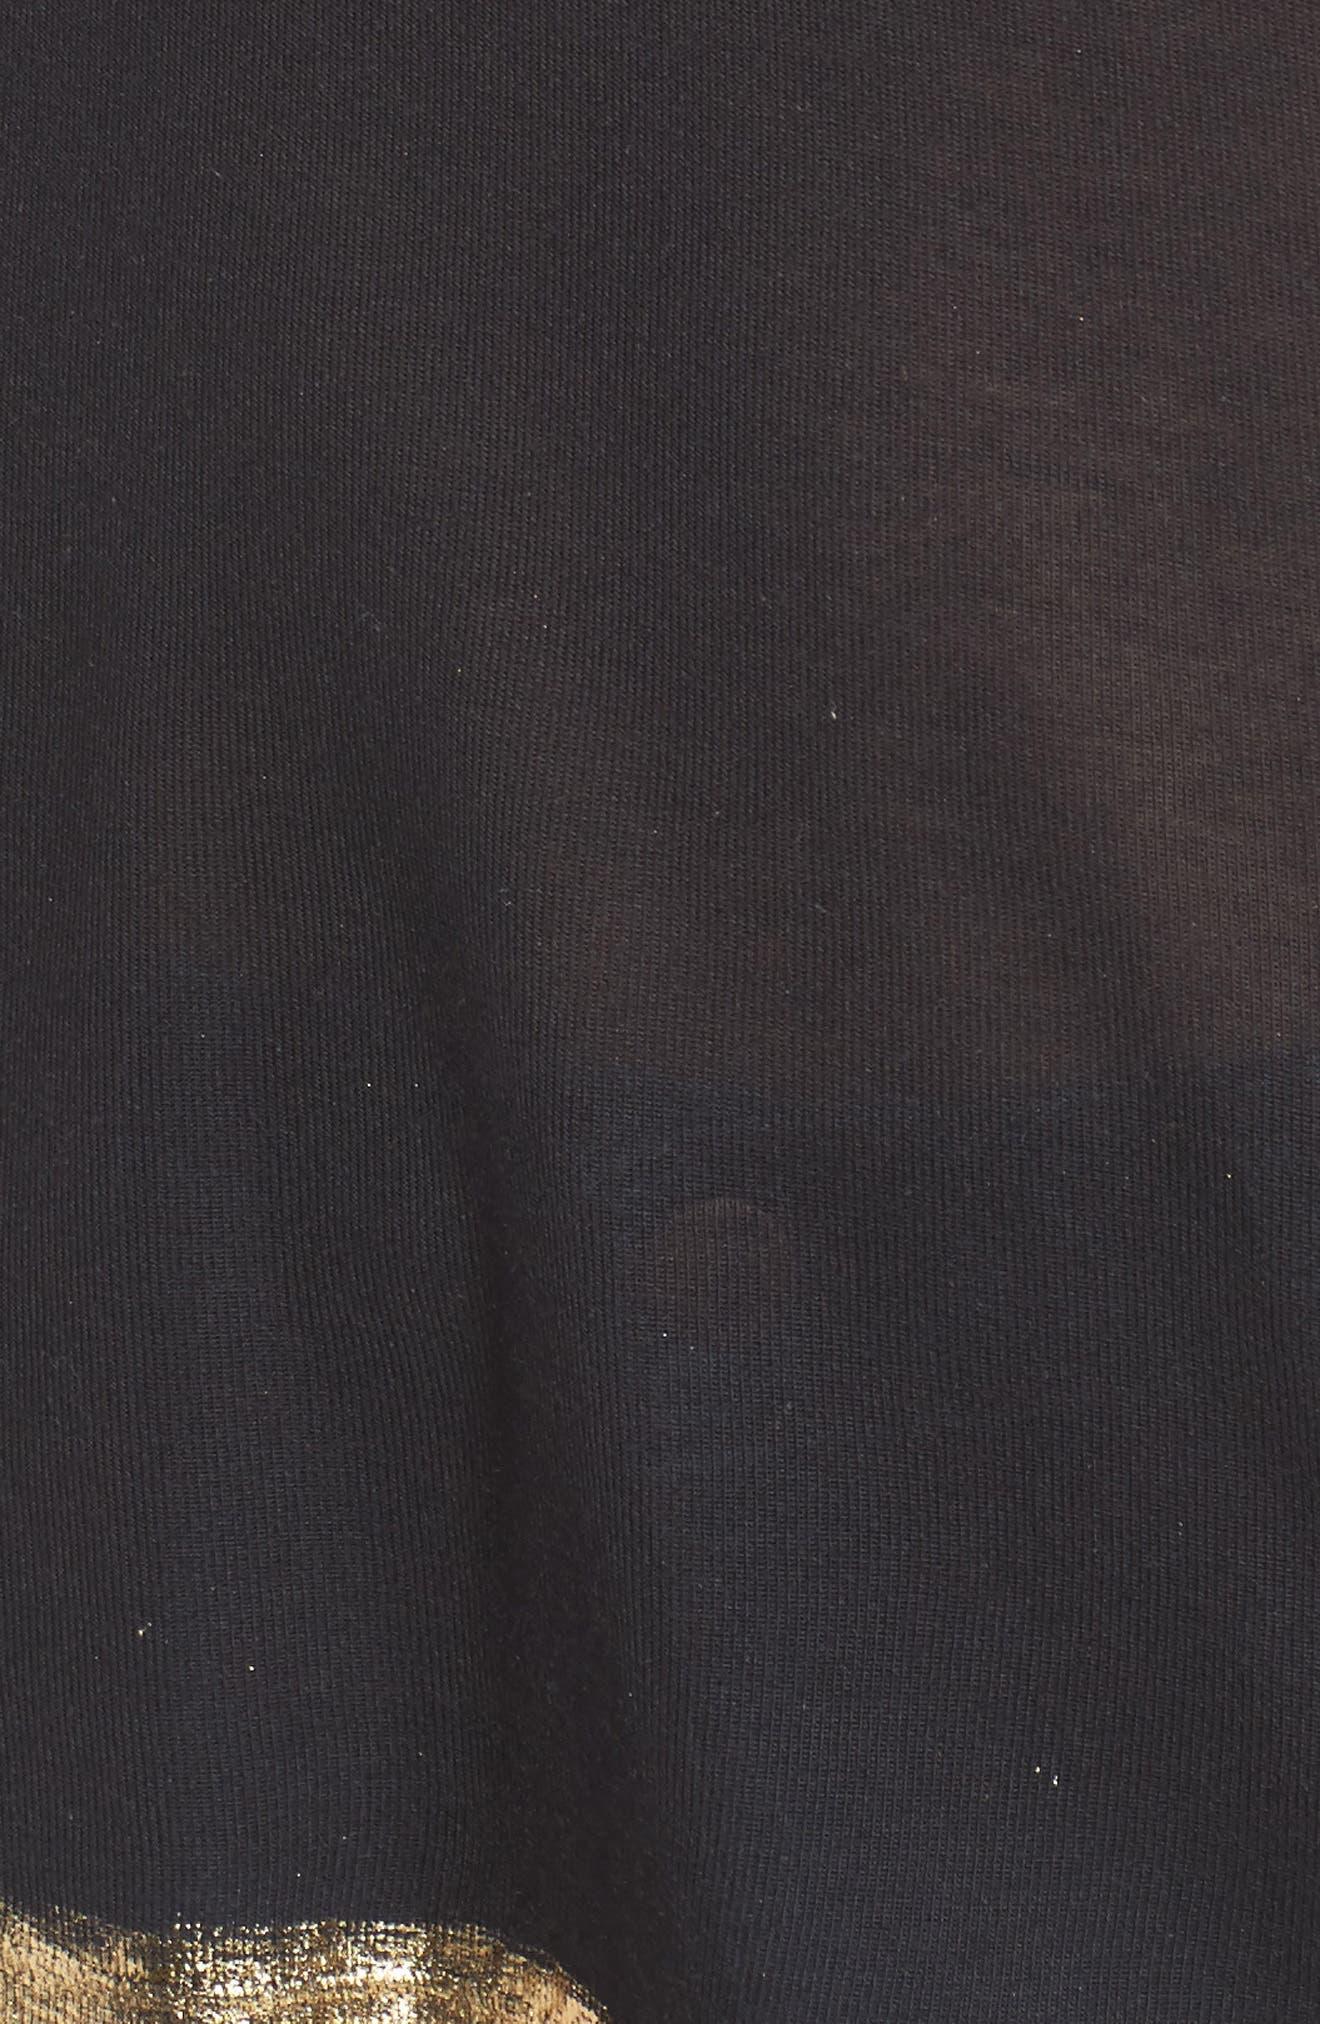 Tino Foil Tee,                             Alternate thumbnail 5, color,                             Black